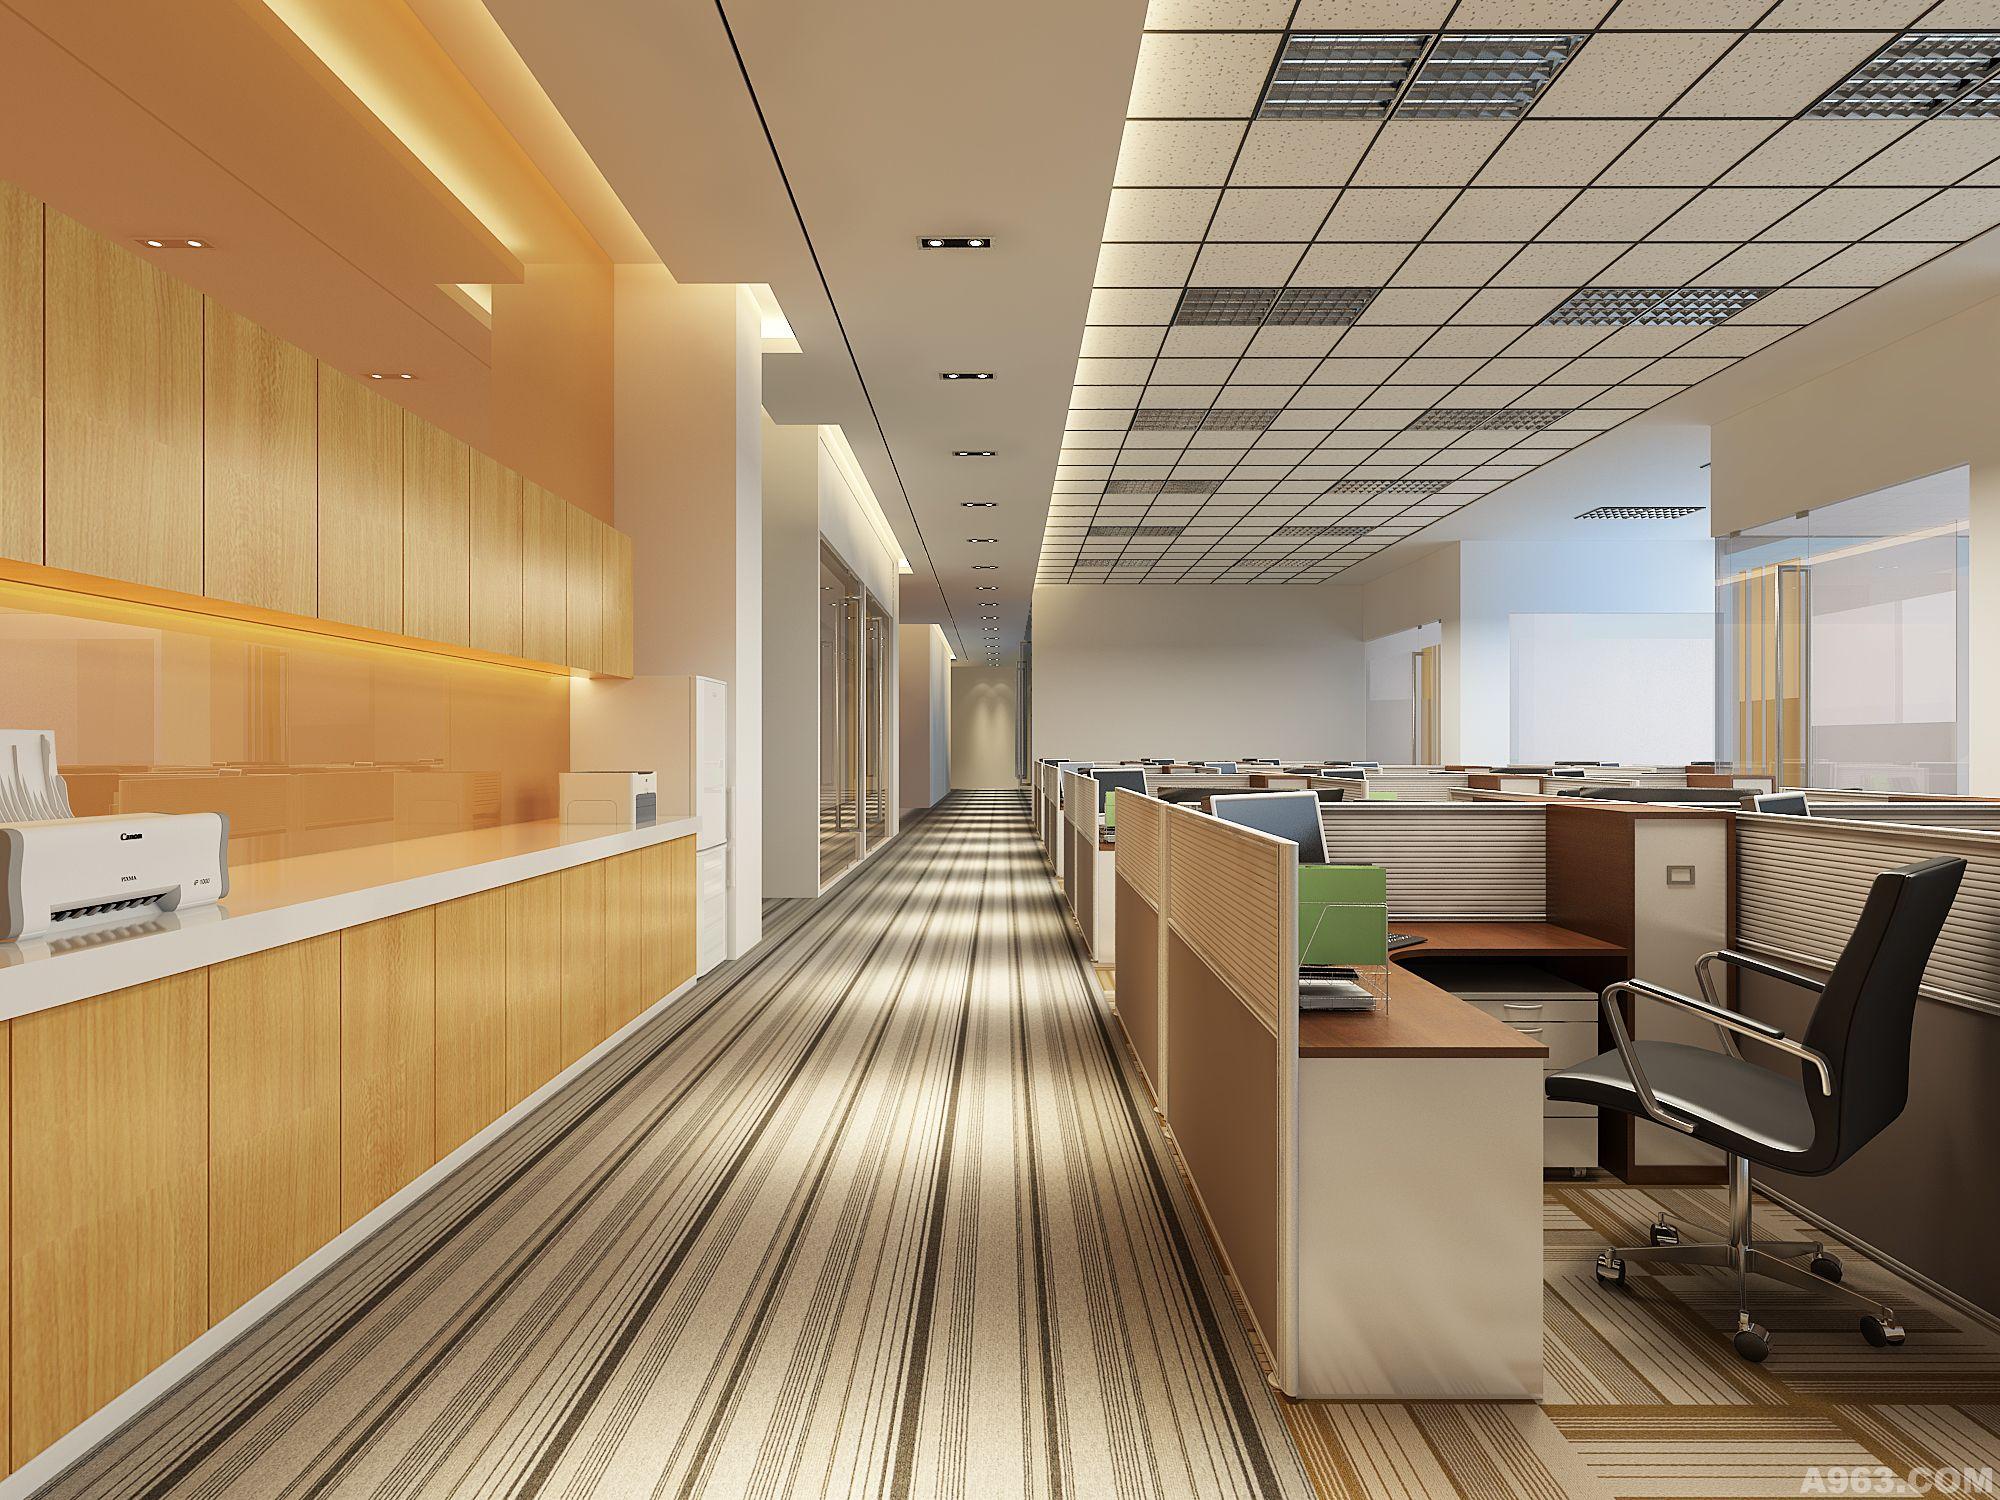 更多>> 更多>>          设计师: 智海坤      作品类别:办公空间 该